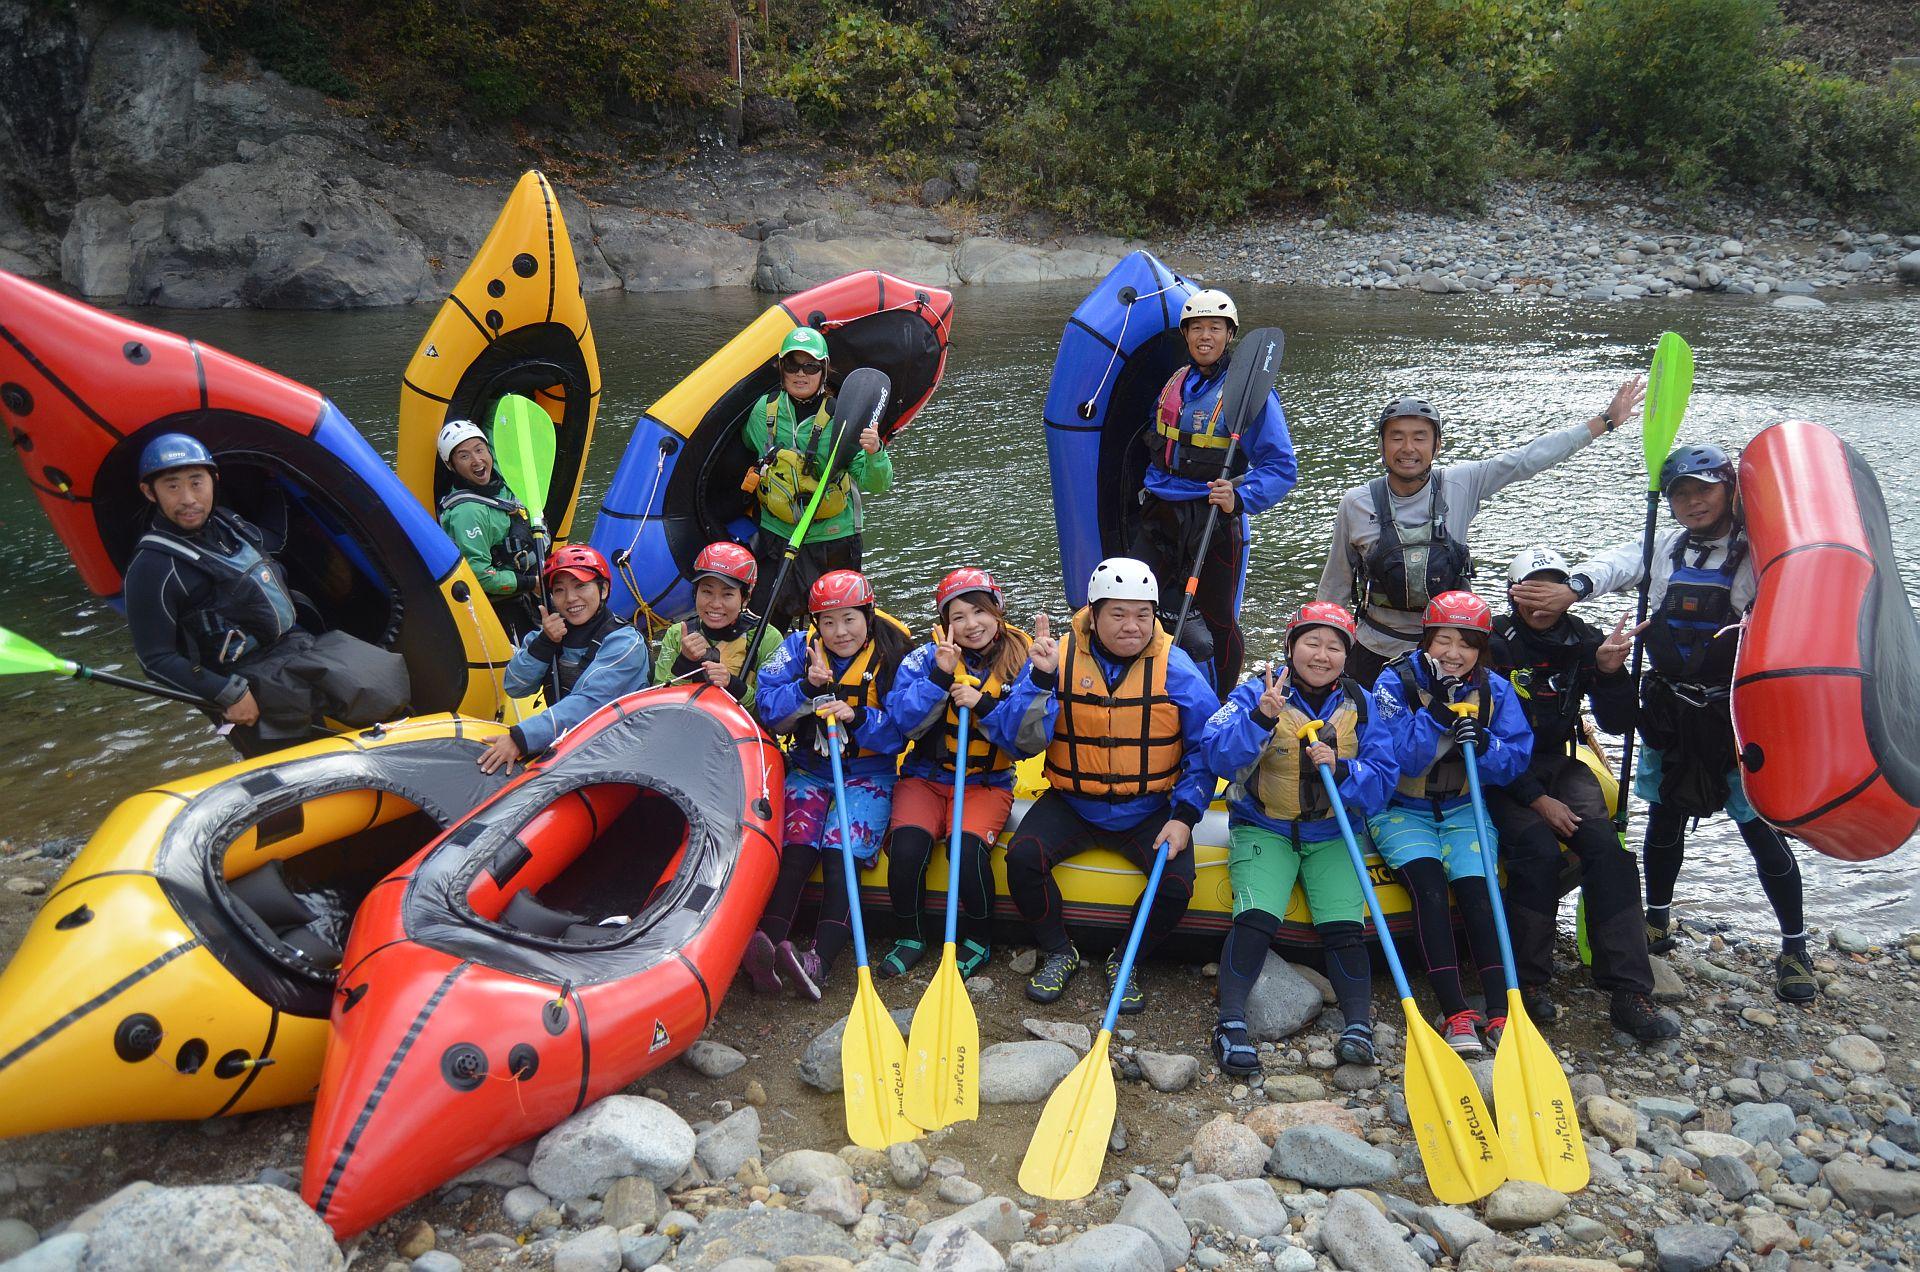 一日で利根川と信濃川行っちゃいましたね!パックラフトとコラボ!!11月3日(火)カッパクラブイベント